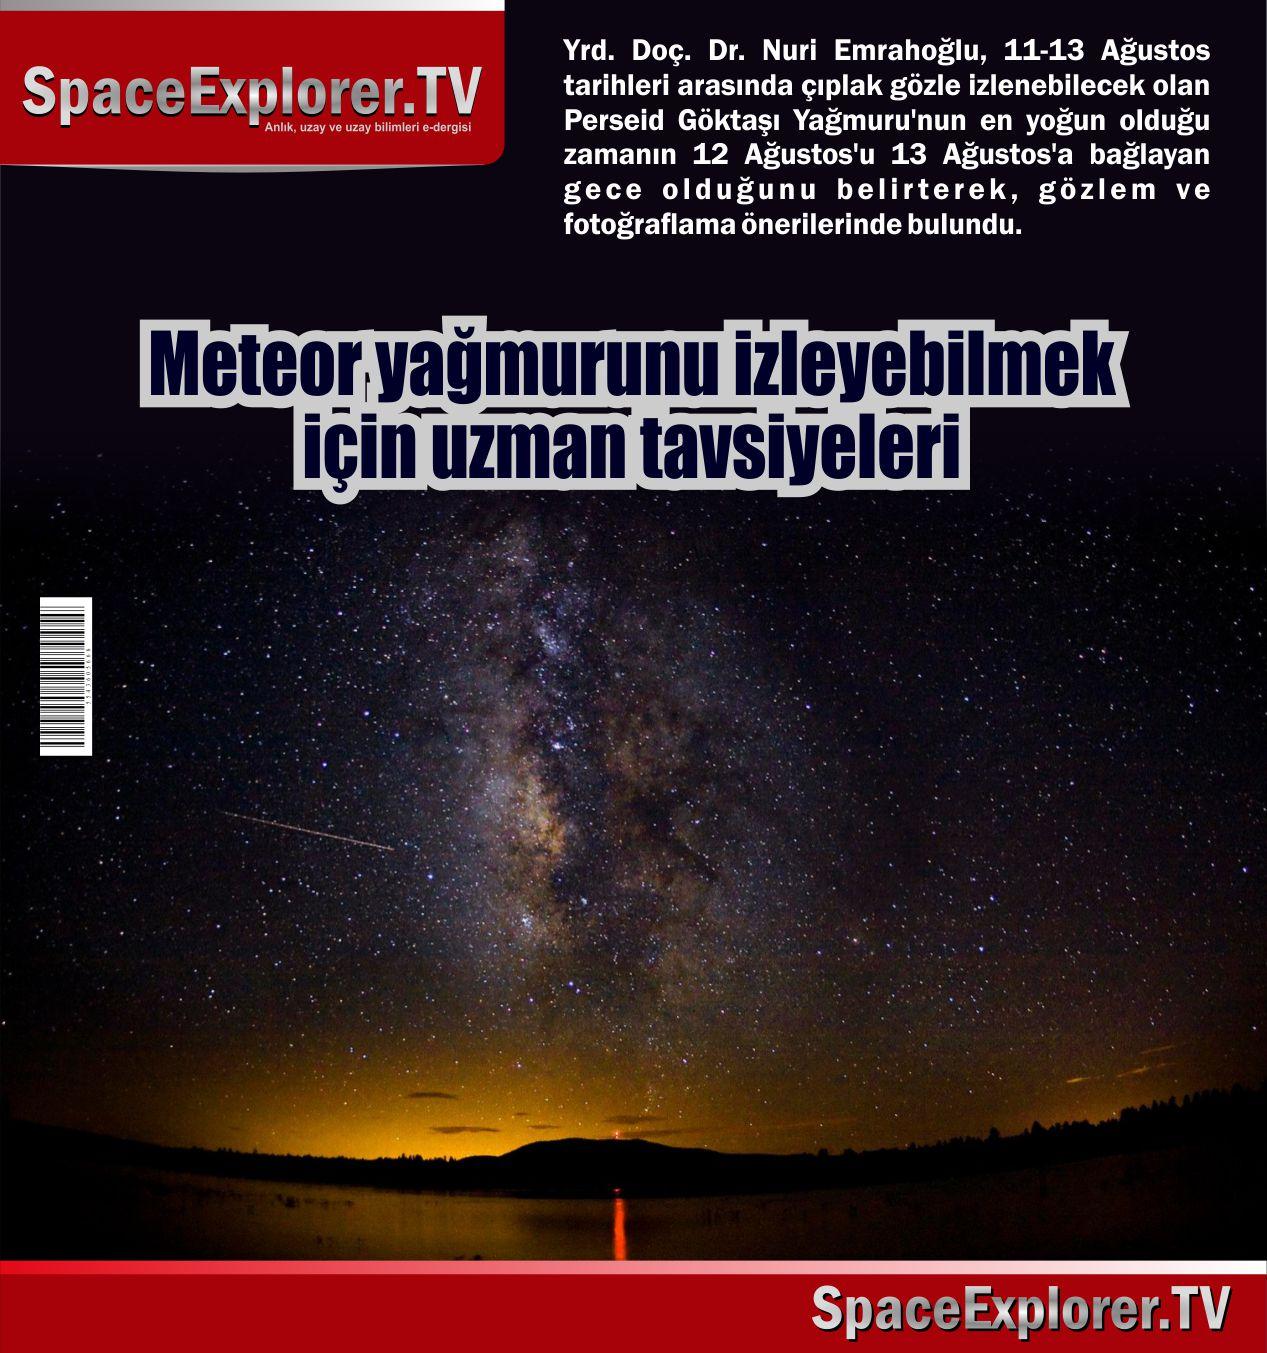 Meteorlar, Meteor yağmurları, TÜBİTAK, Space Explorer,